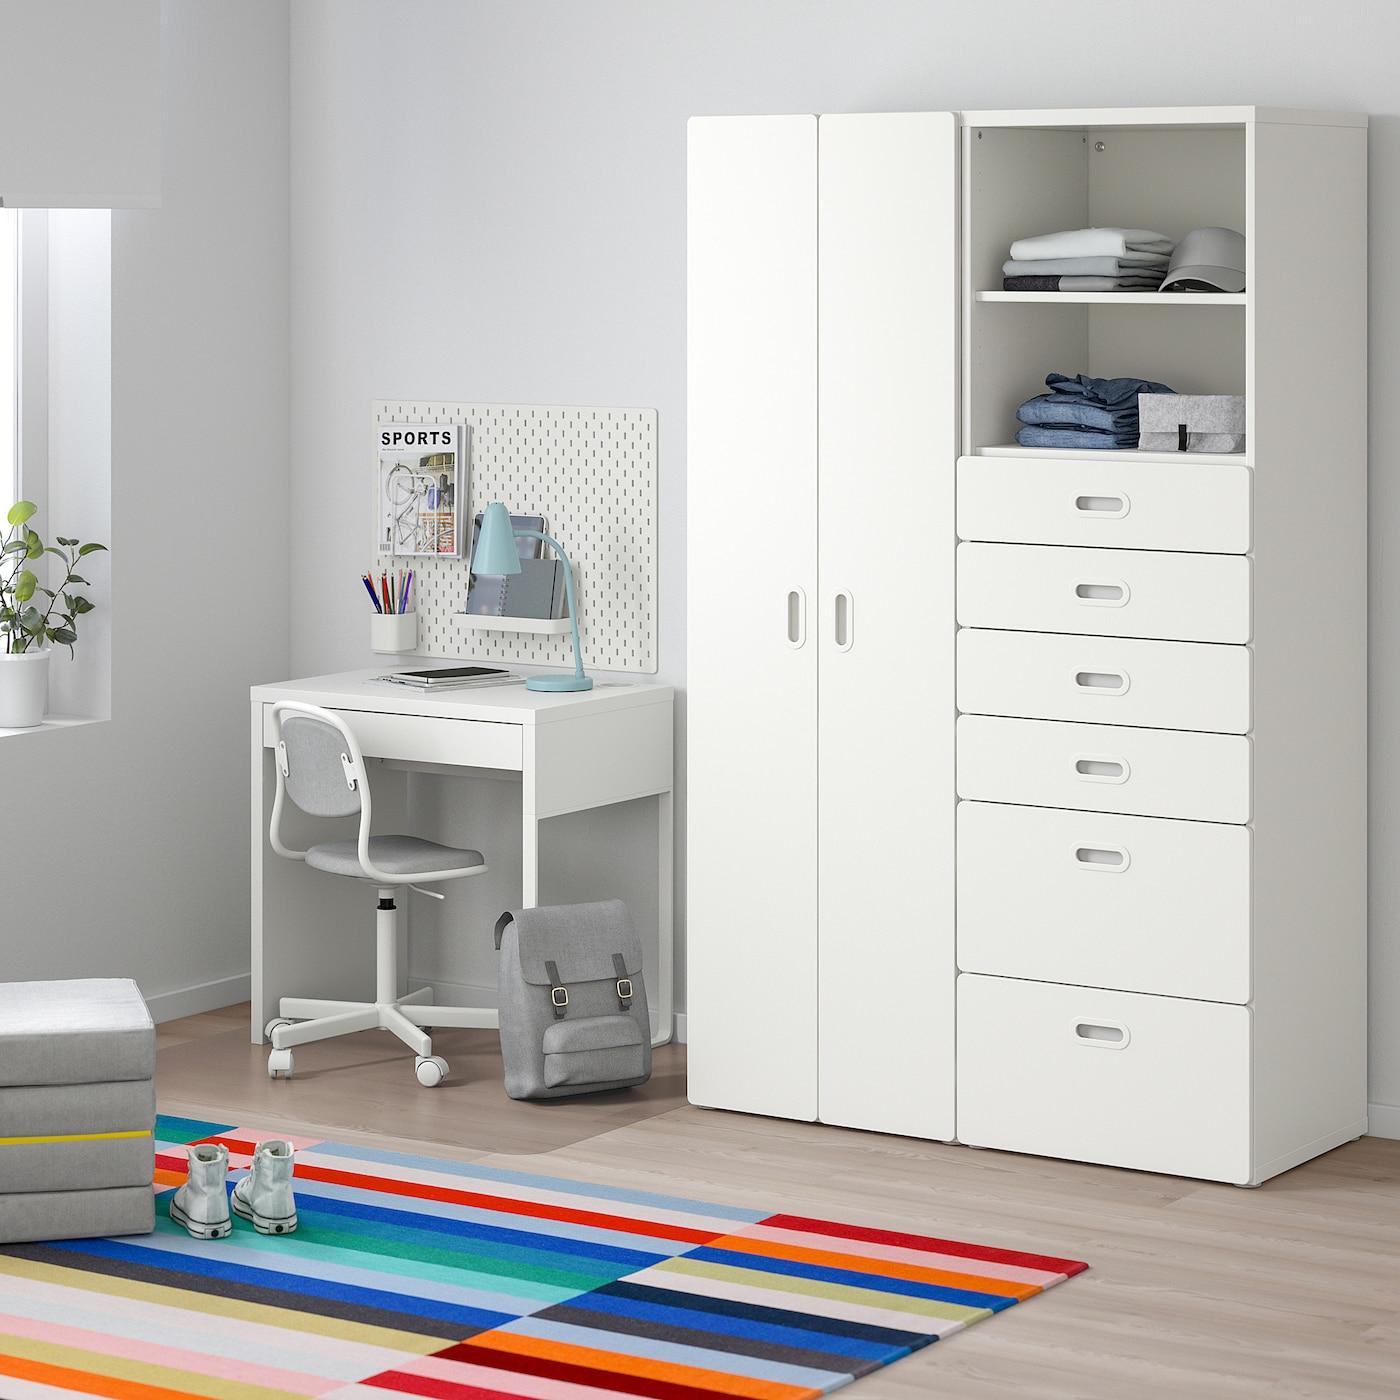 Stuva Fritids Kleiderschrank Weiss Weiss Ikea Schweiz